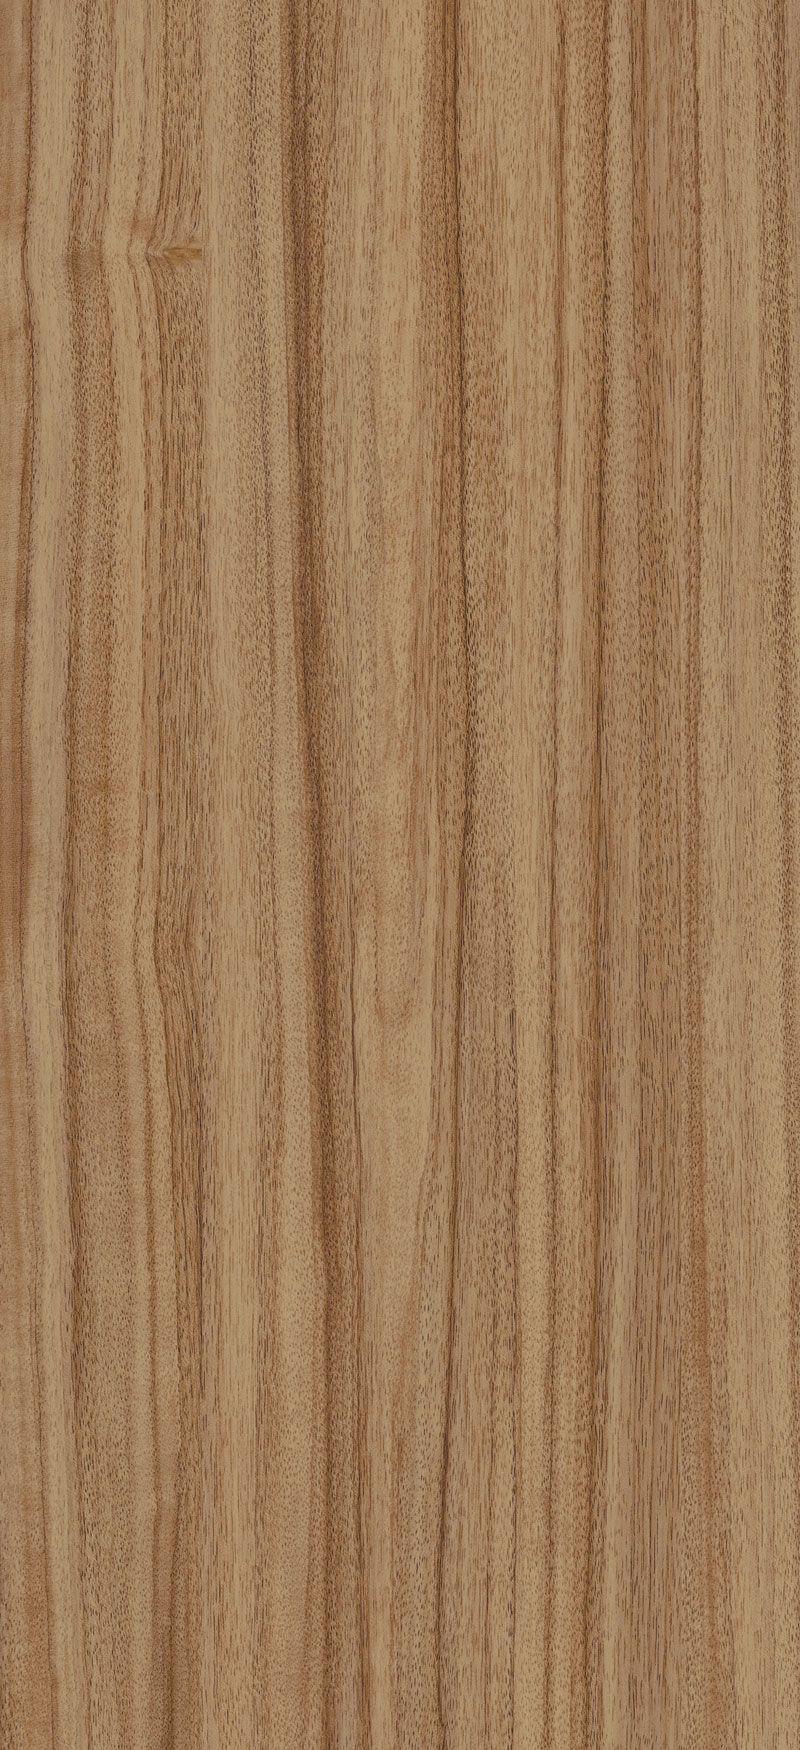 Walnut Trespa Walnut Wood Texture Wood Texture Seamless